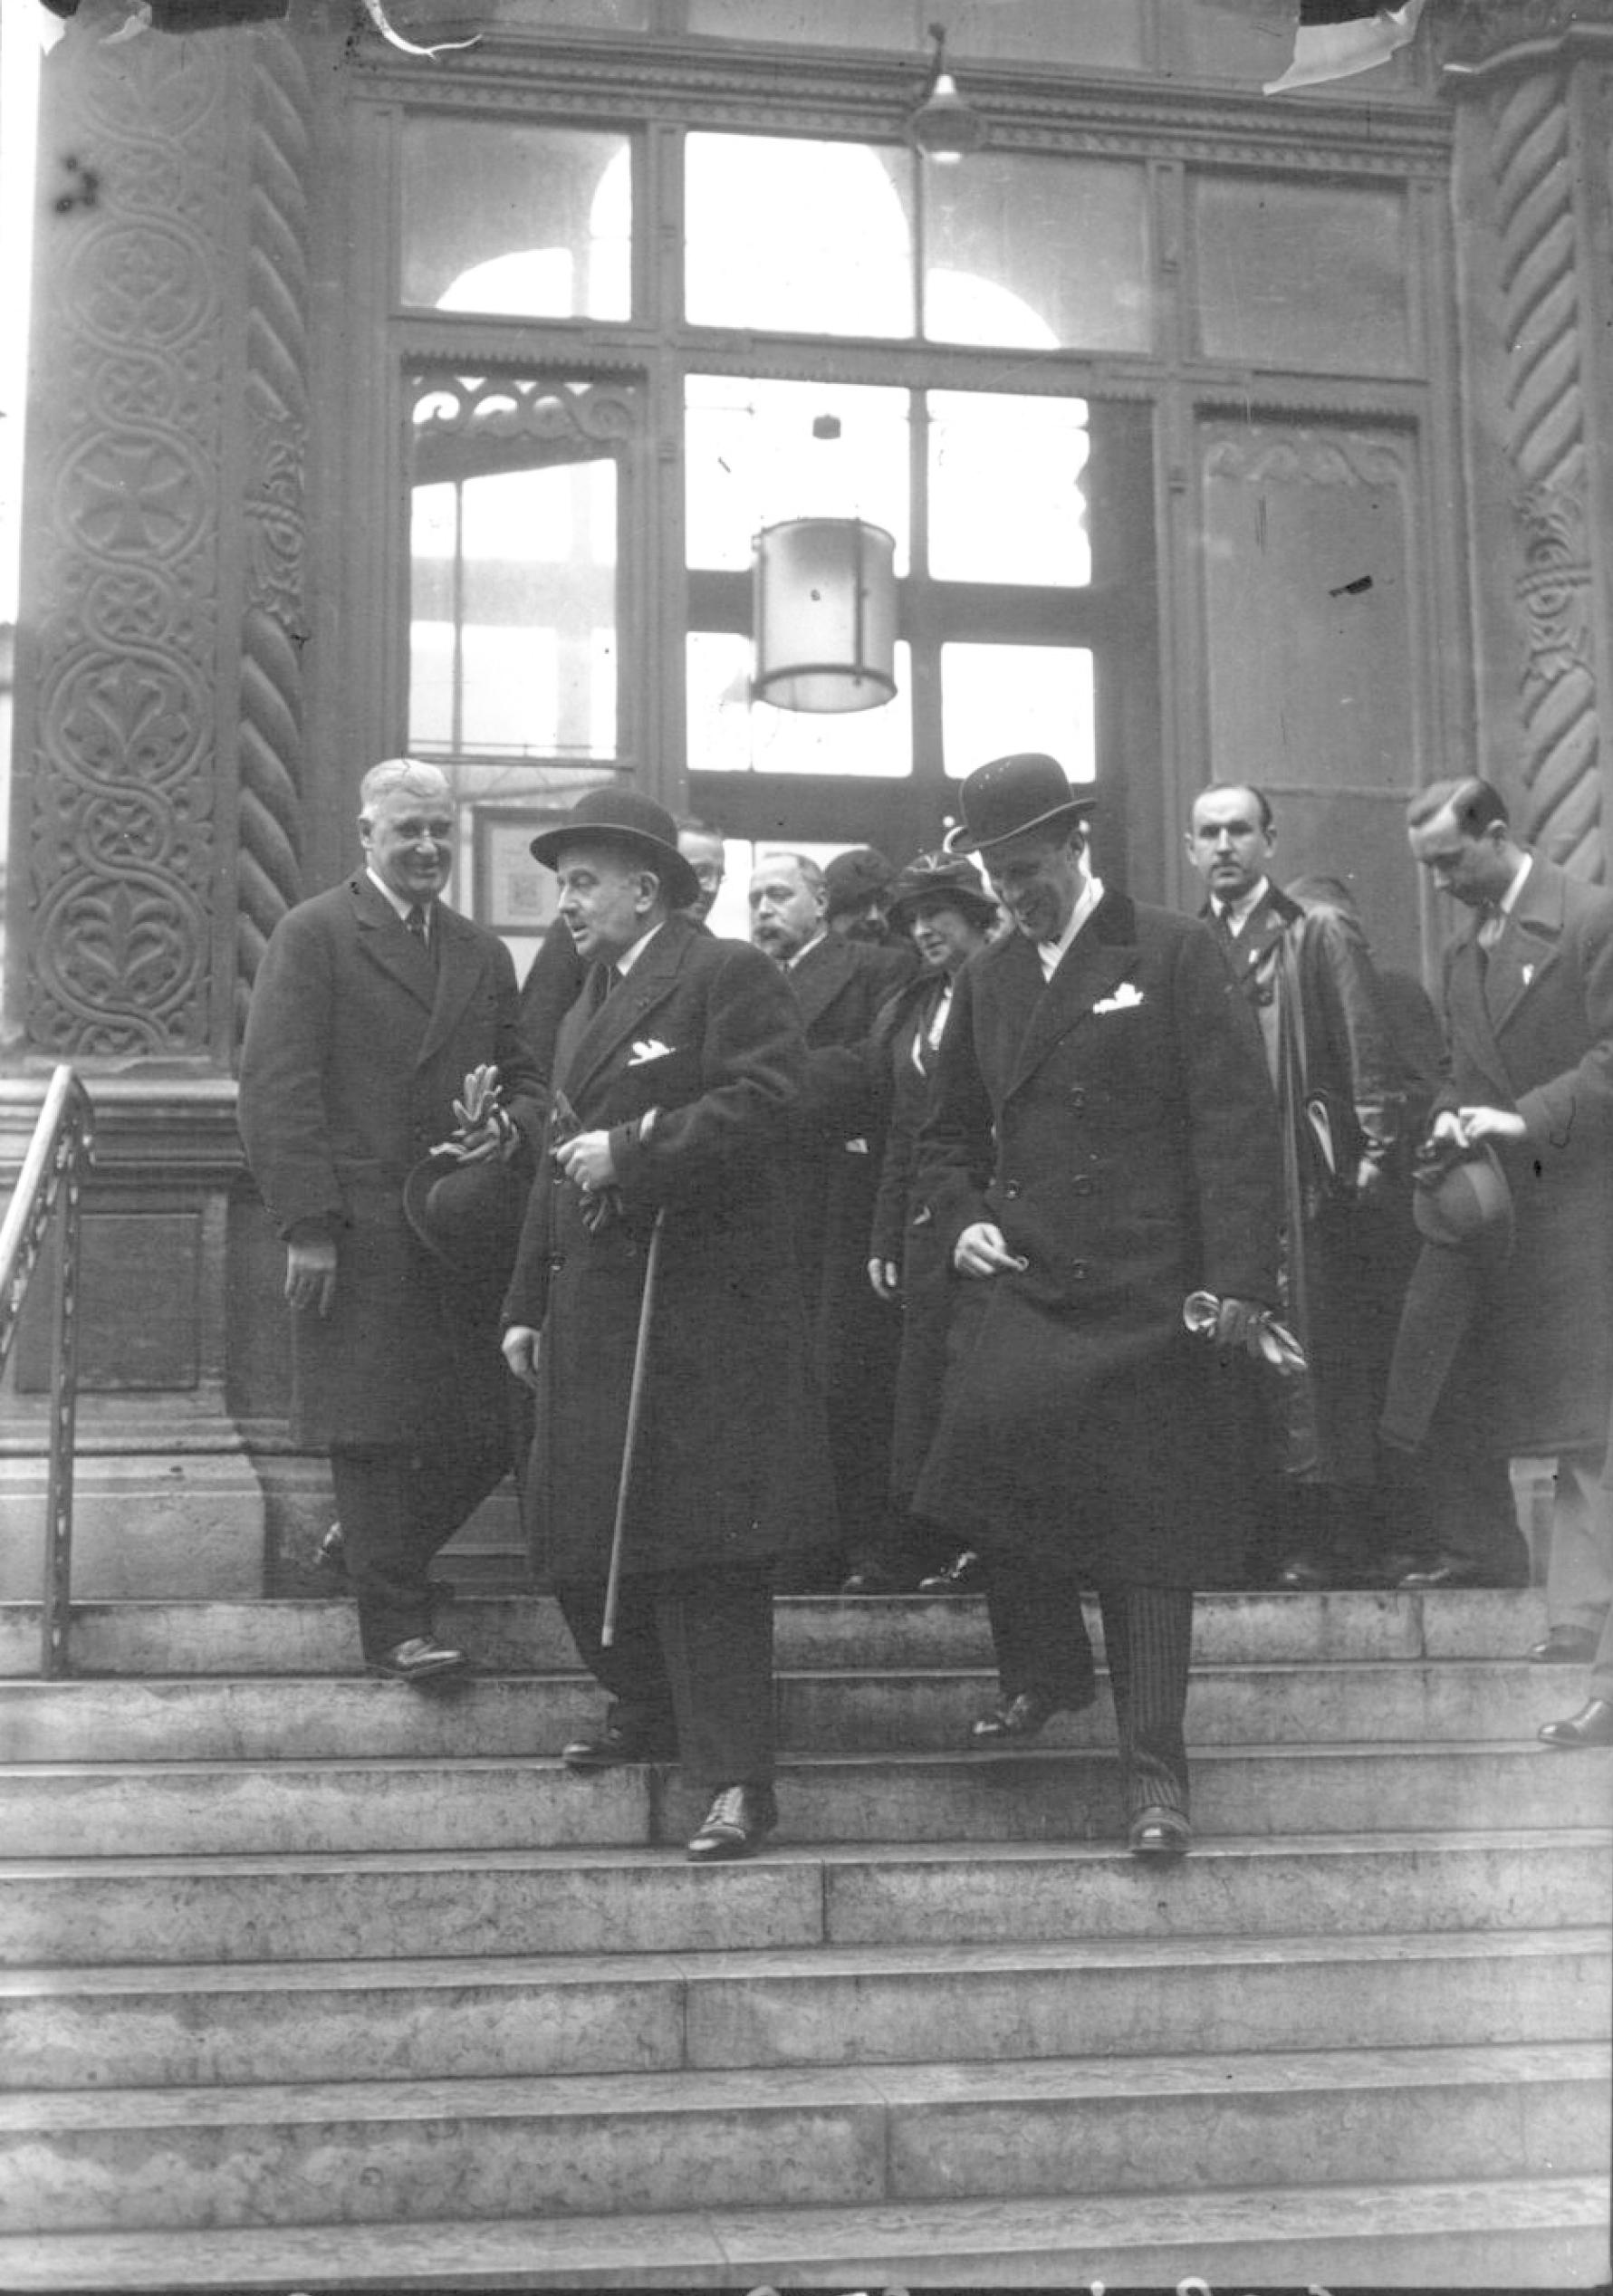 1933. Великие князья Борис Владимирович и Андрей Владимирович выходят изх церкви из Русской Церкви на улице Дарю